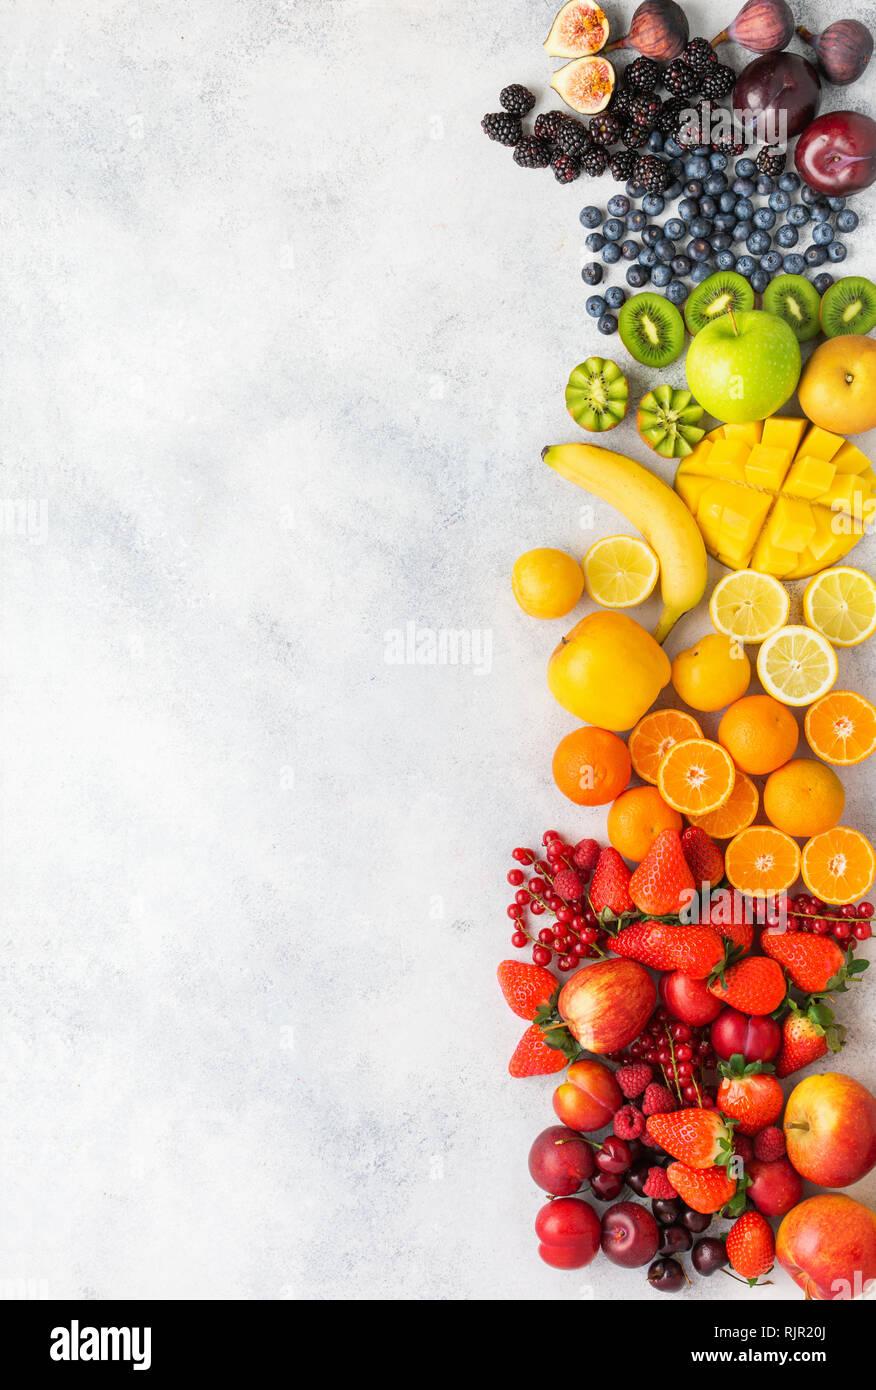 Rainbow fruits berries background on white. Top view of strawberries blueberries cherries mango apple lemons oranges red currants plums blackberries - Stock Image